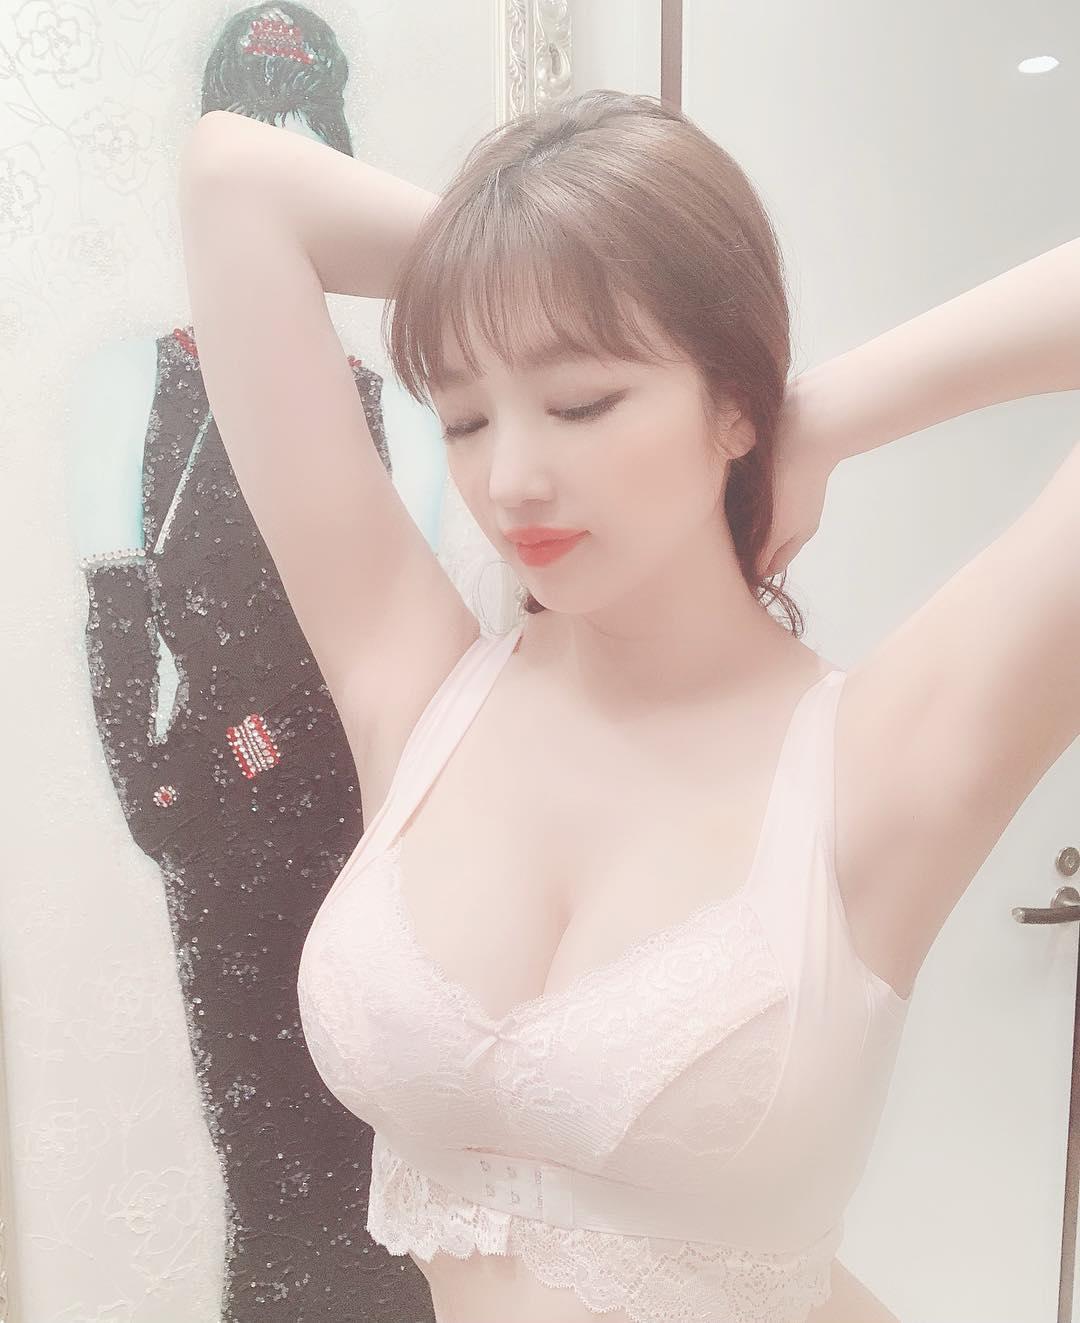 morishita_yuri210.jpg